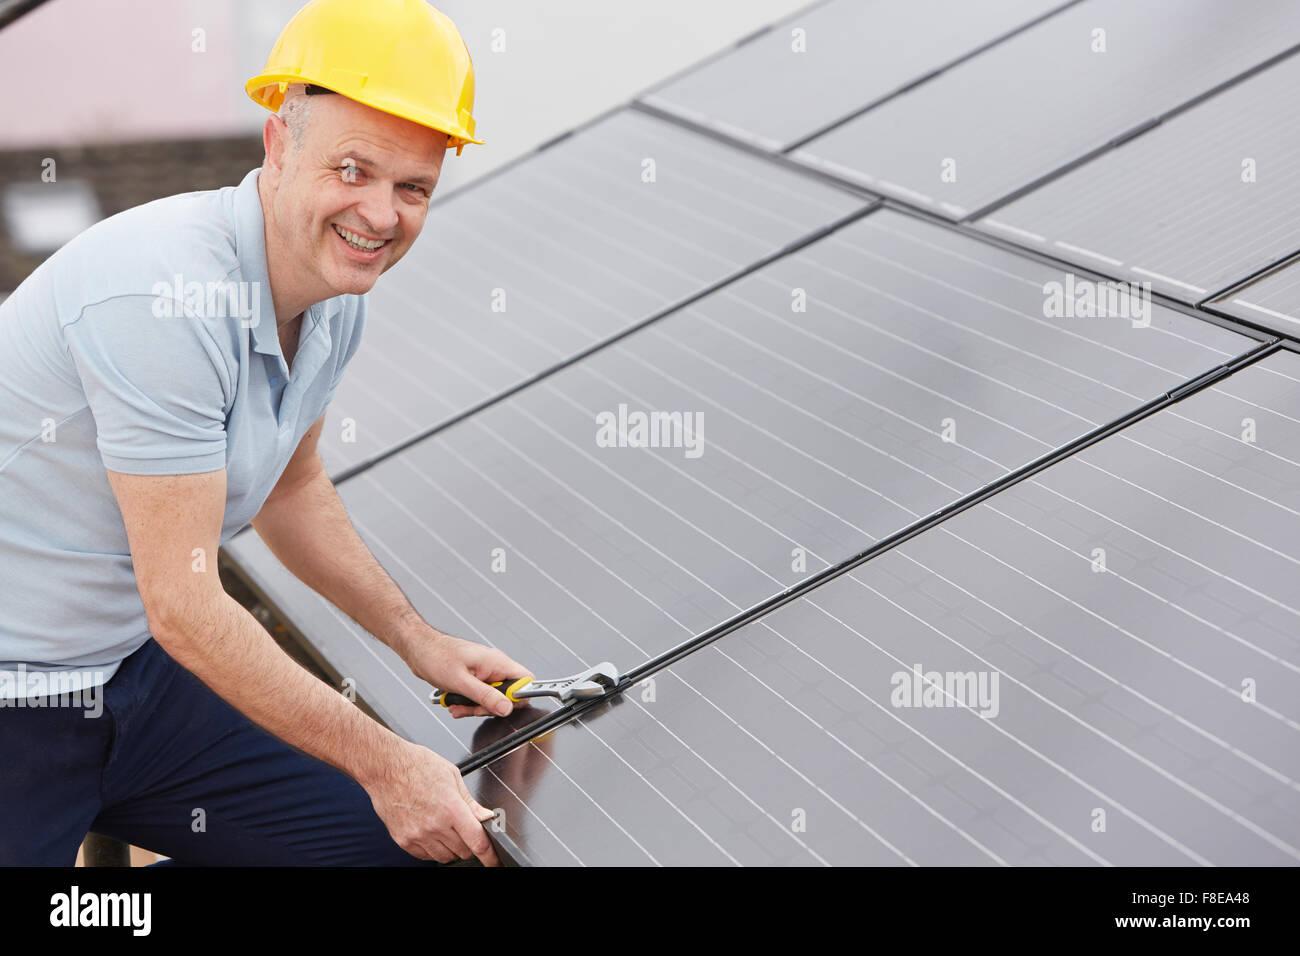 Ingeniero la instalación de paneles solares en el techo de la casa Imagen De Stock